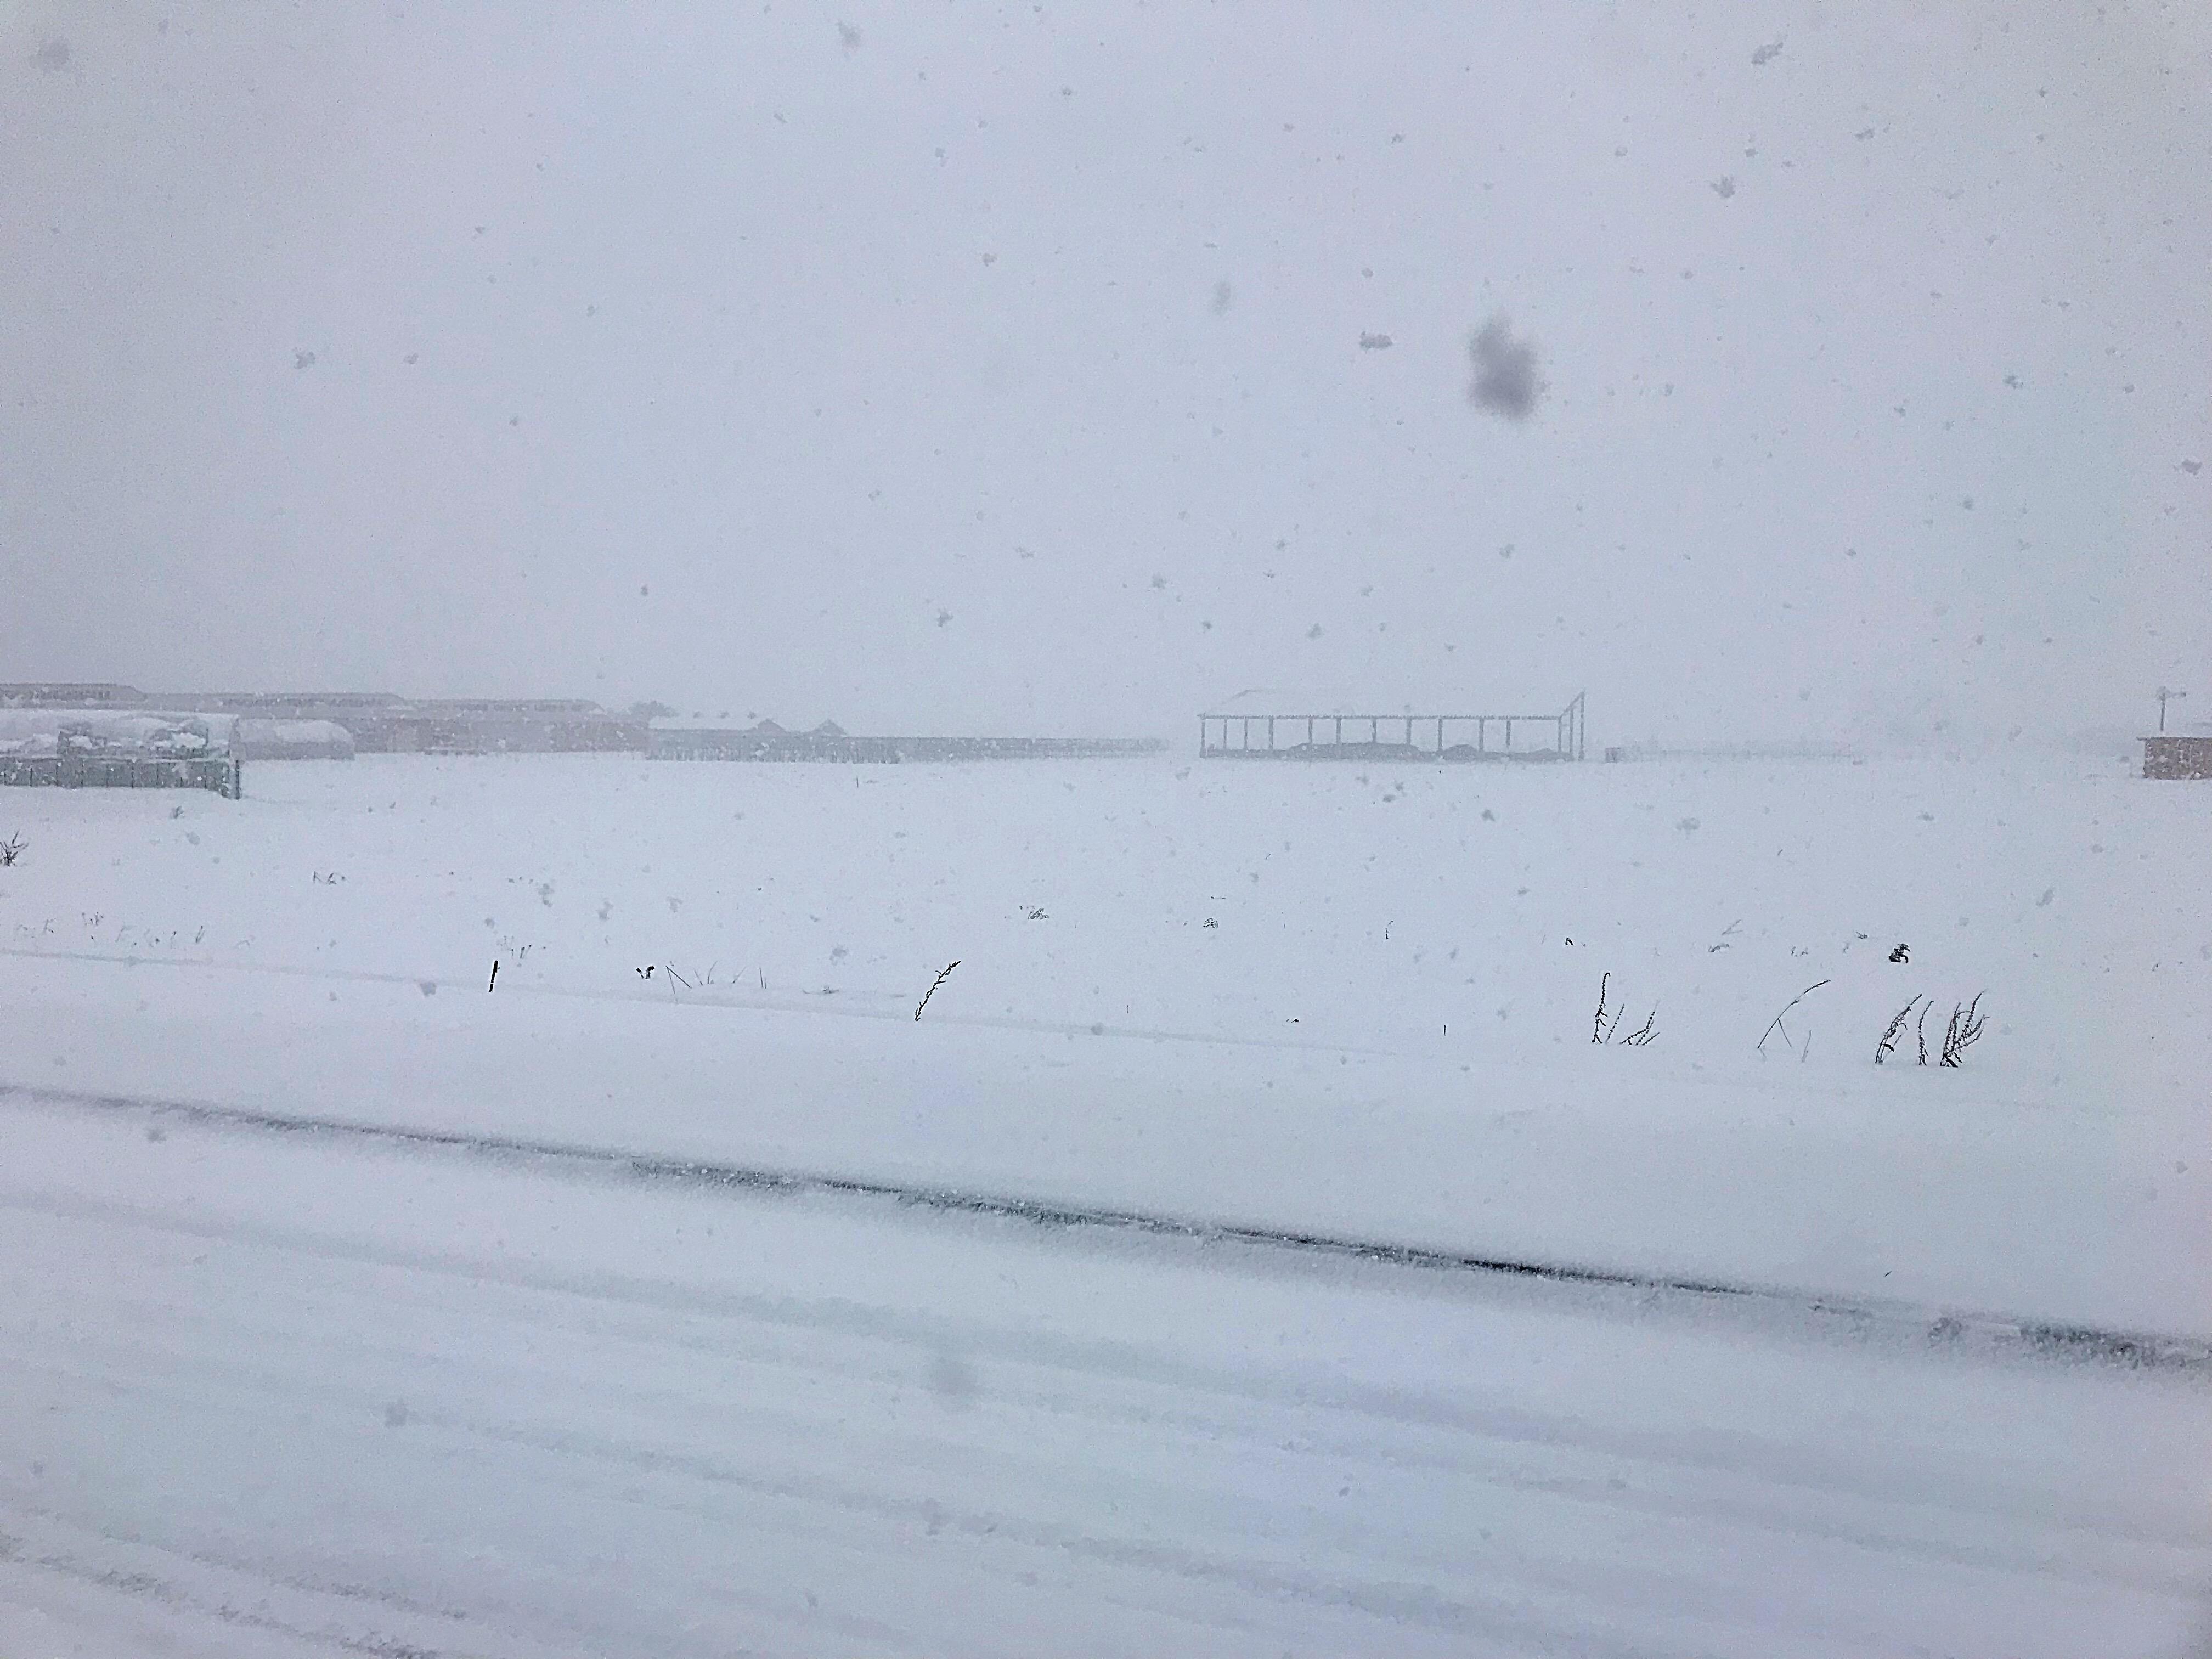 午前中の雪が降ってる景色